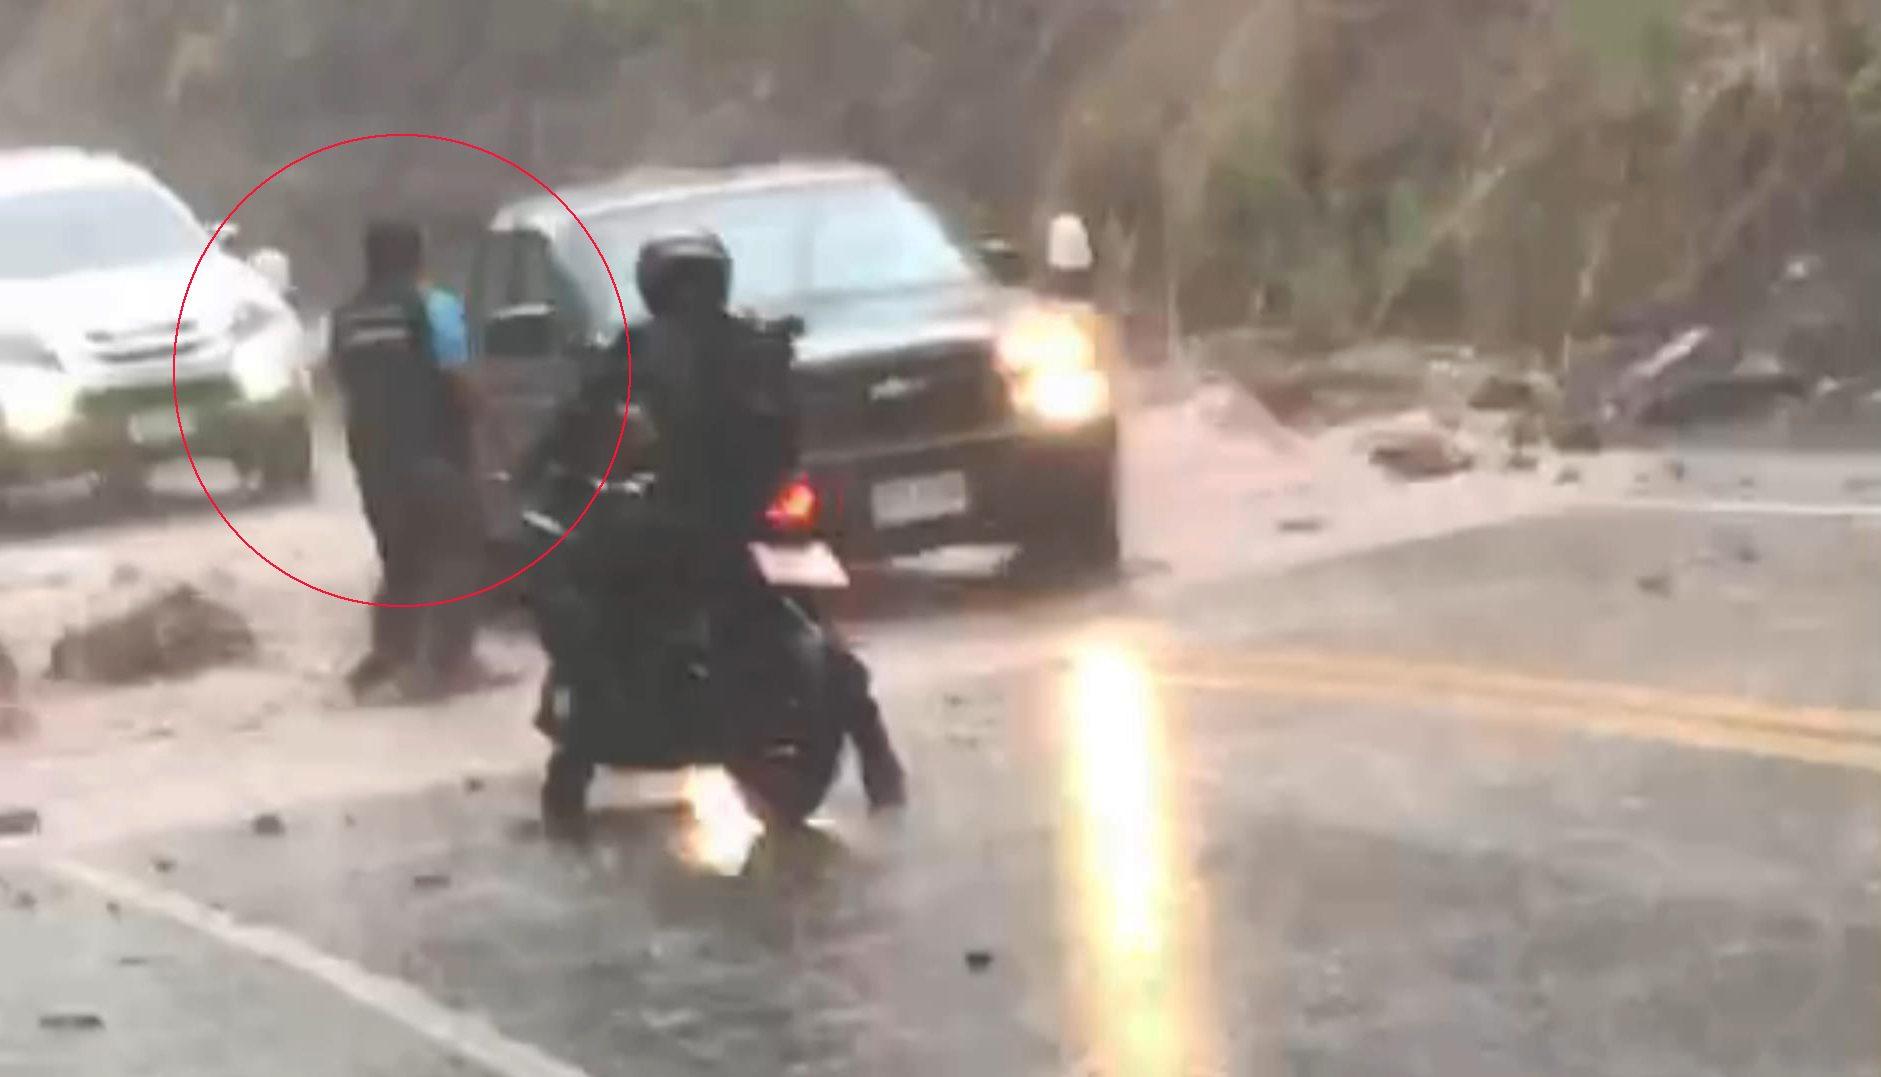 เปิดใจกำนันขาลุย ฝ่าฝนตกหนักลงไปเคลียร์ถนน หินดินถล่มจากภูเขา